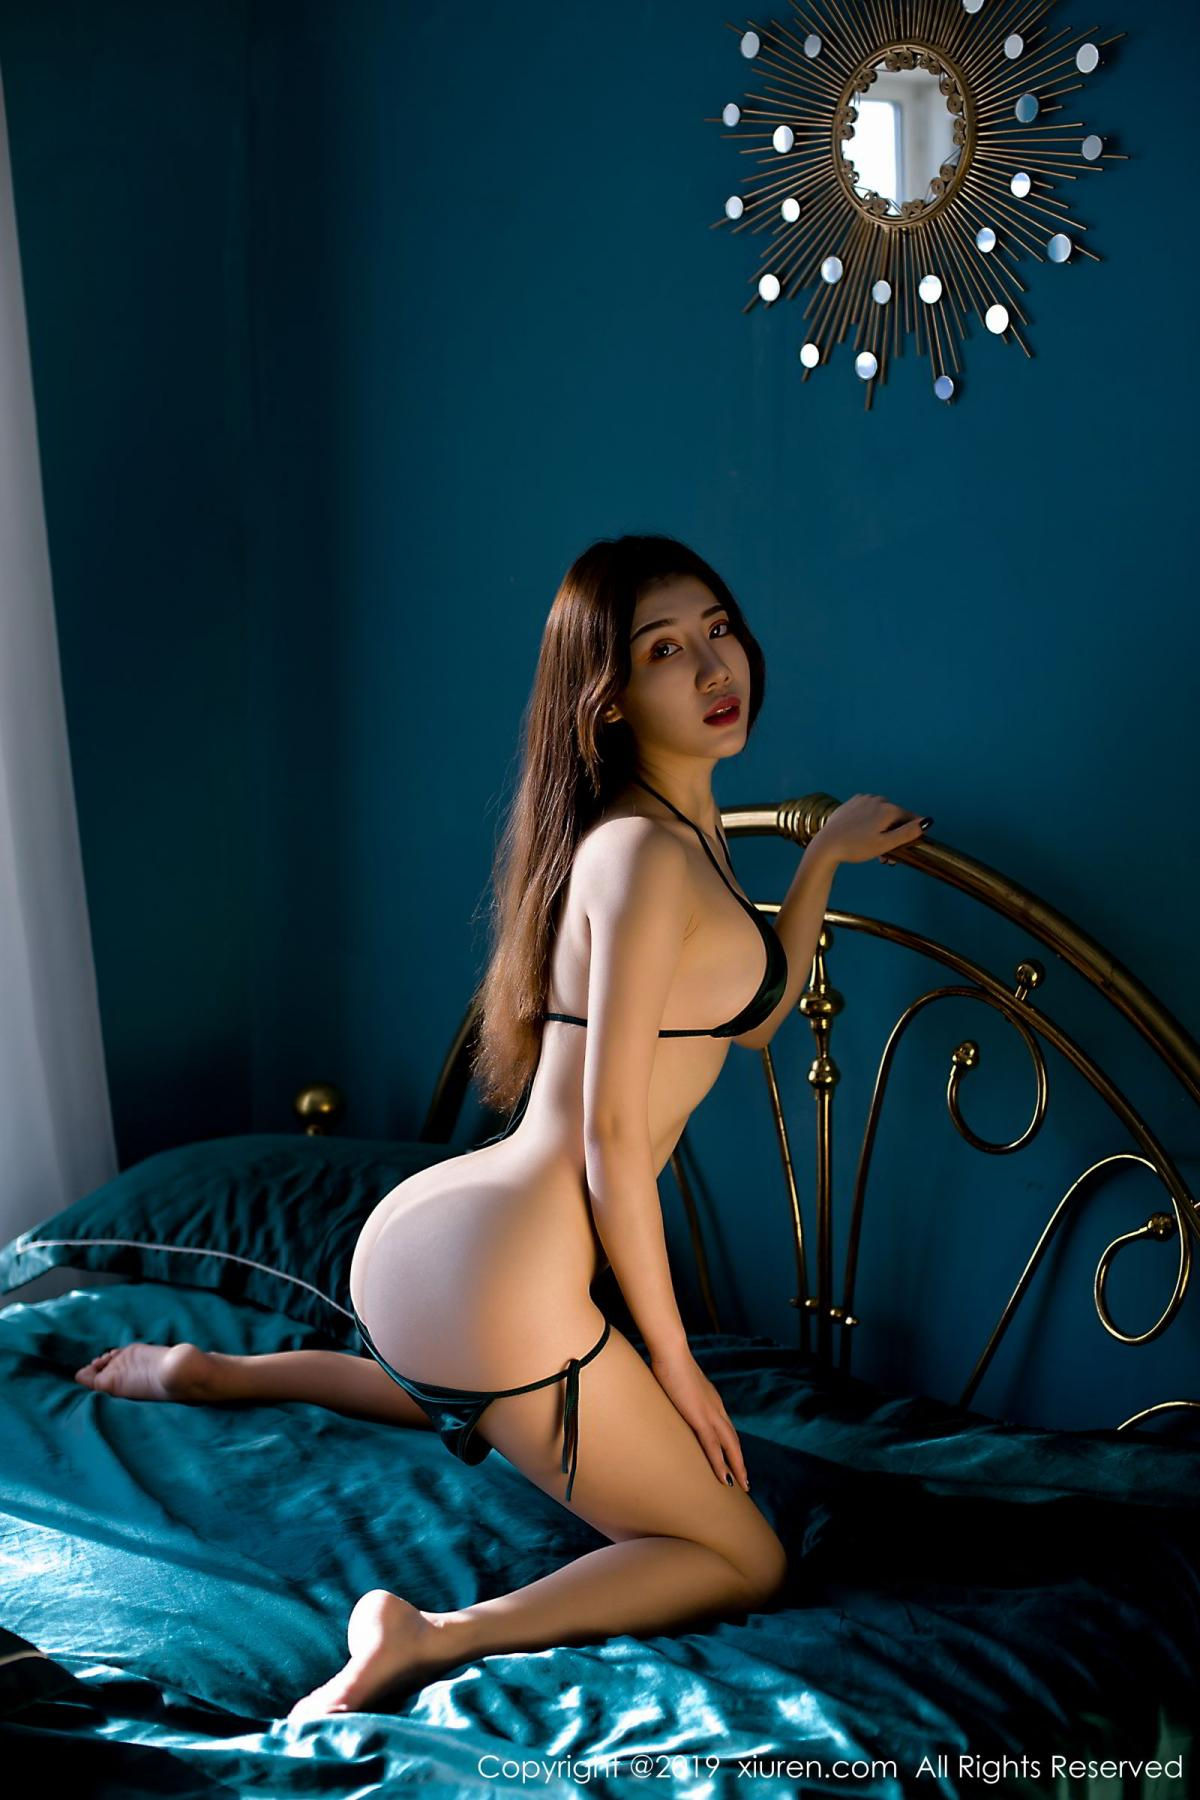 [XiuRen] Vol.1725 Zhi Zhi 2 18P, Underwear, Xiuren, Zhi Zhi